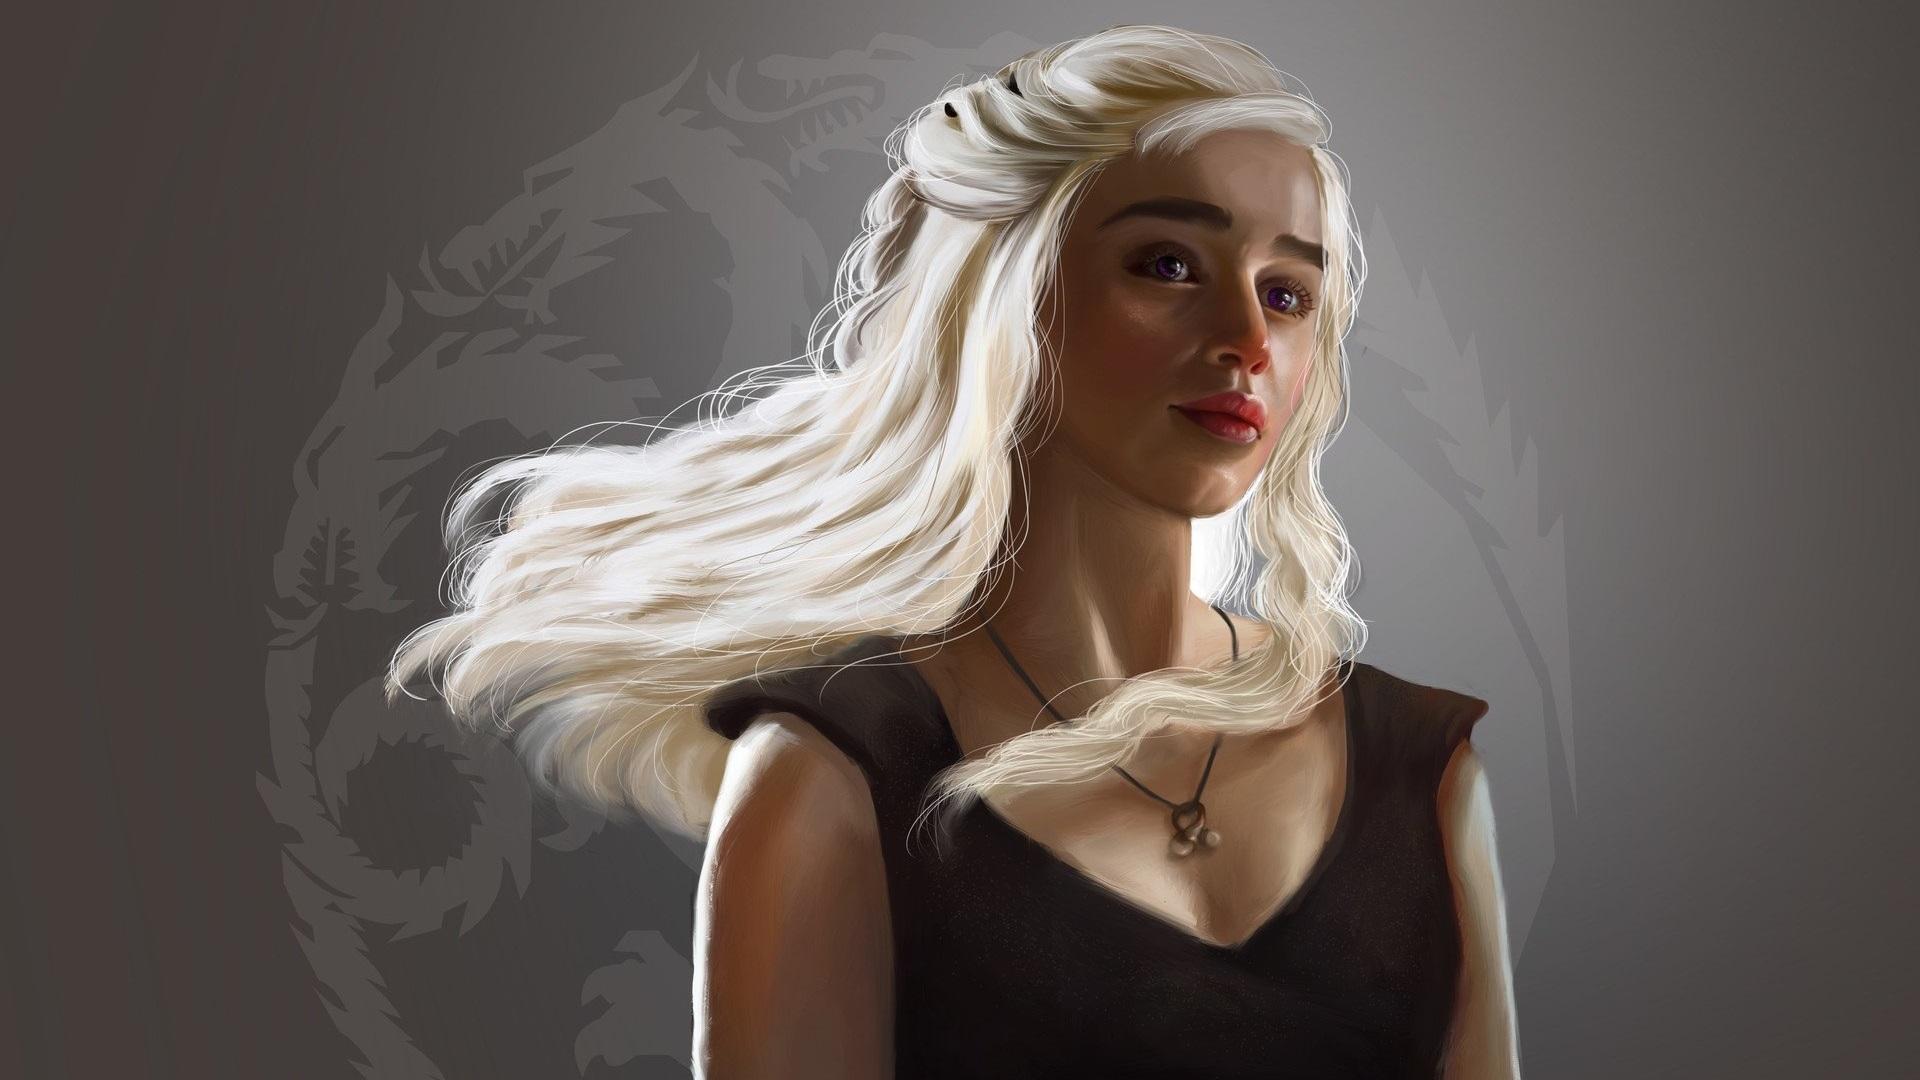 Desktop Wallpaper Daenerys Targaryen, Blonde, Fan Art